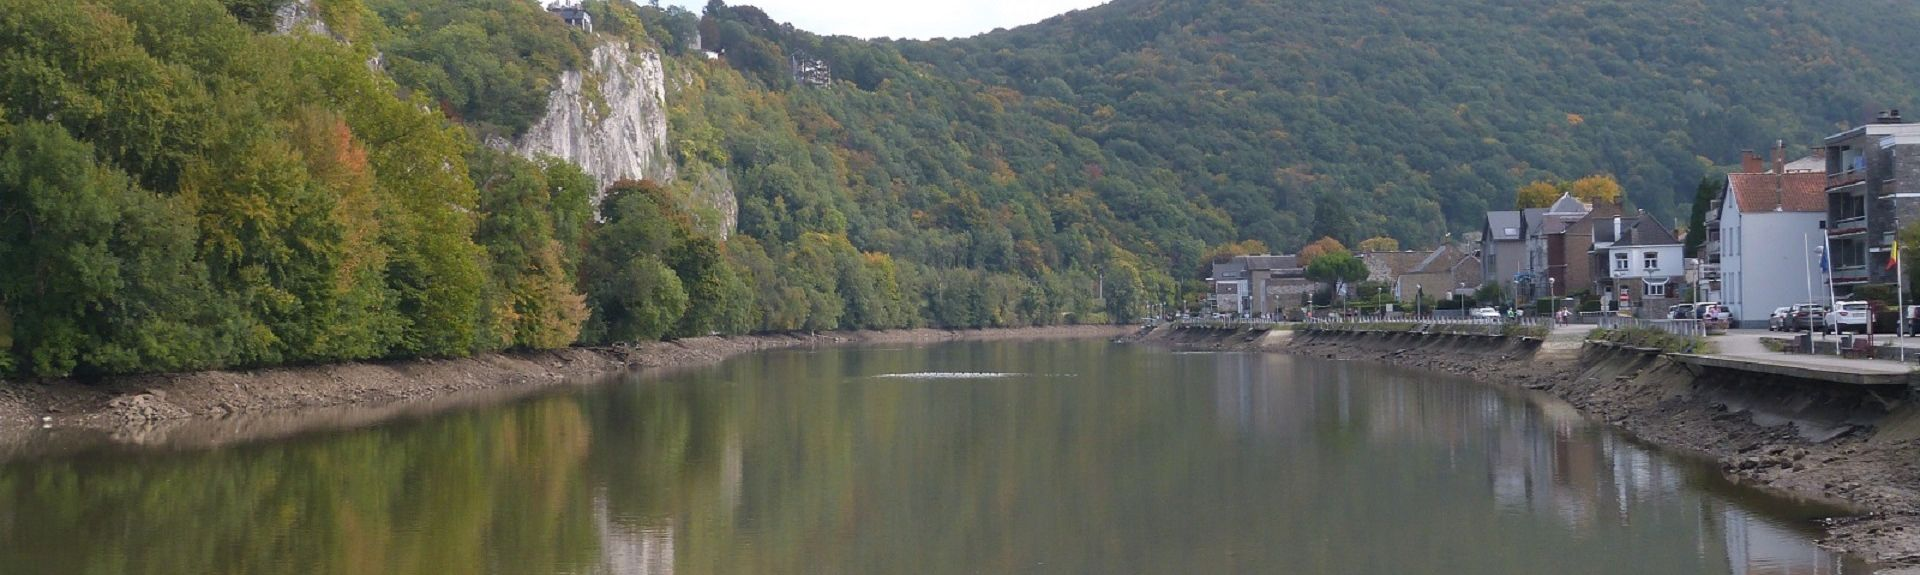 Namur, Walloon Region, Belgium